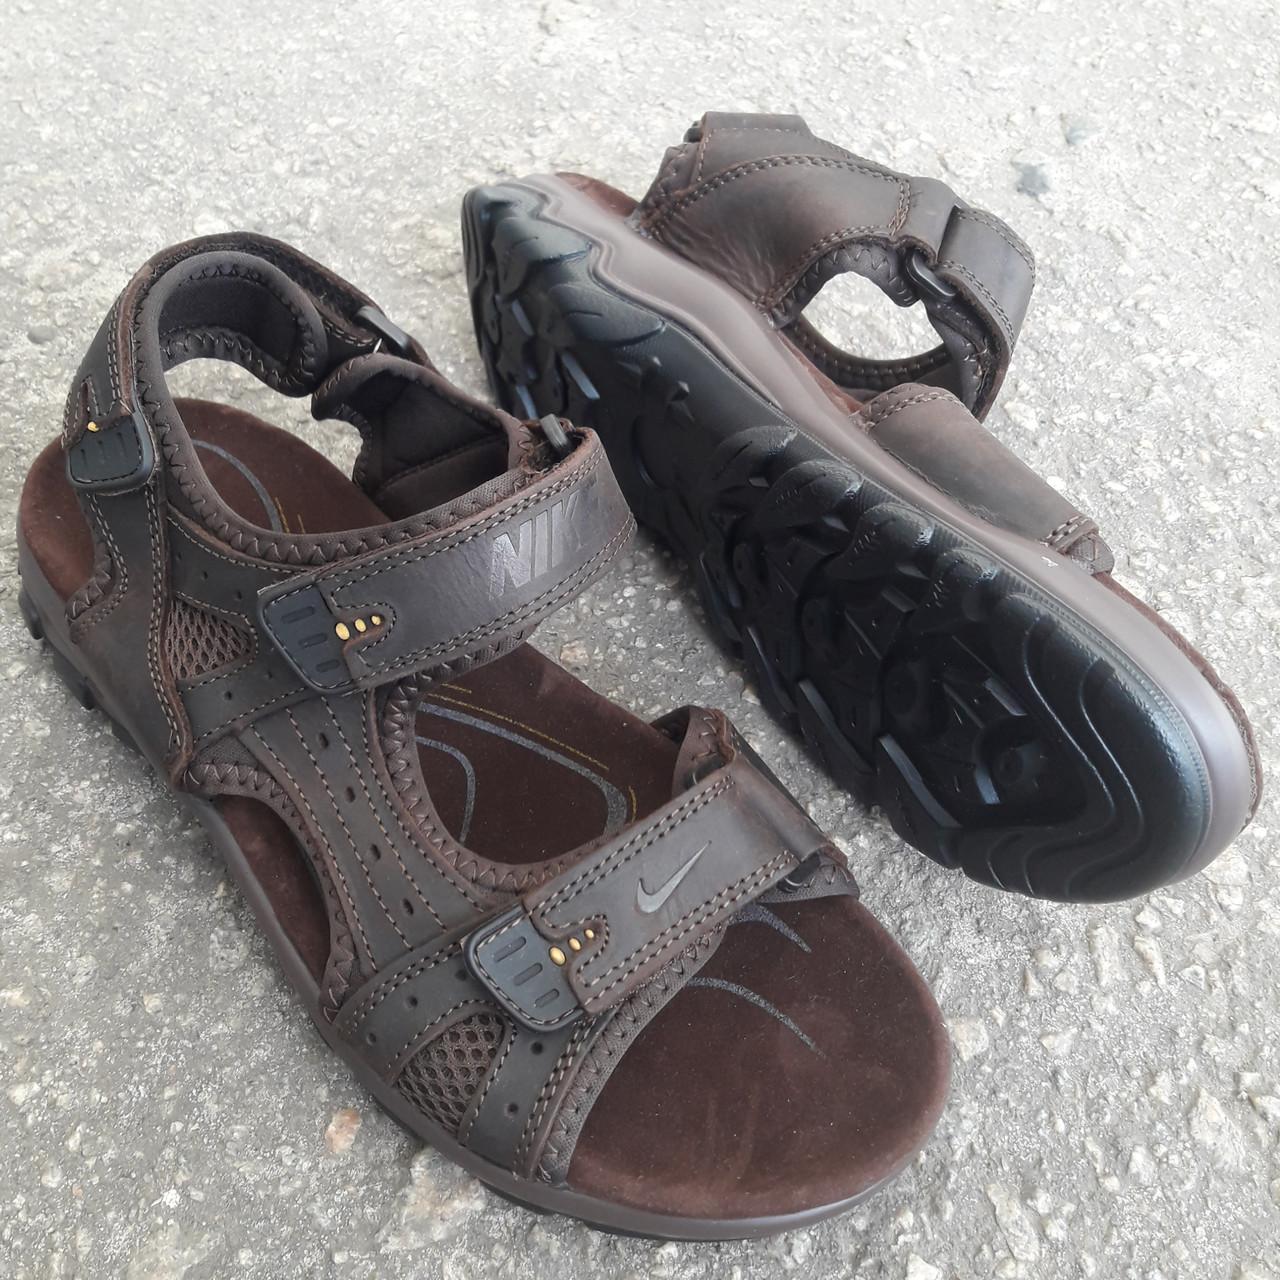 Сандалі чоловічі шкіряні р. 41 коричневі Nike